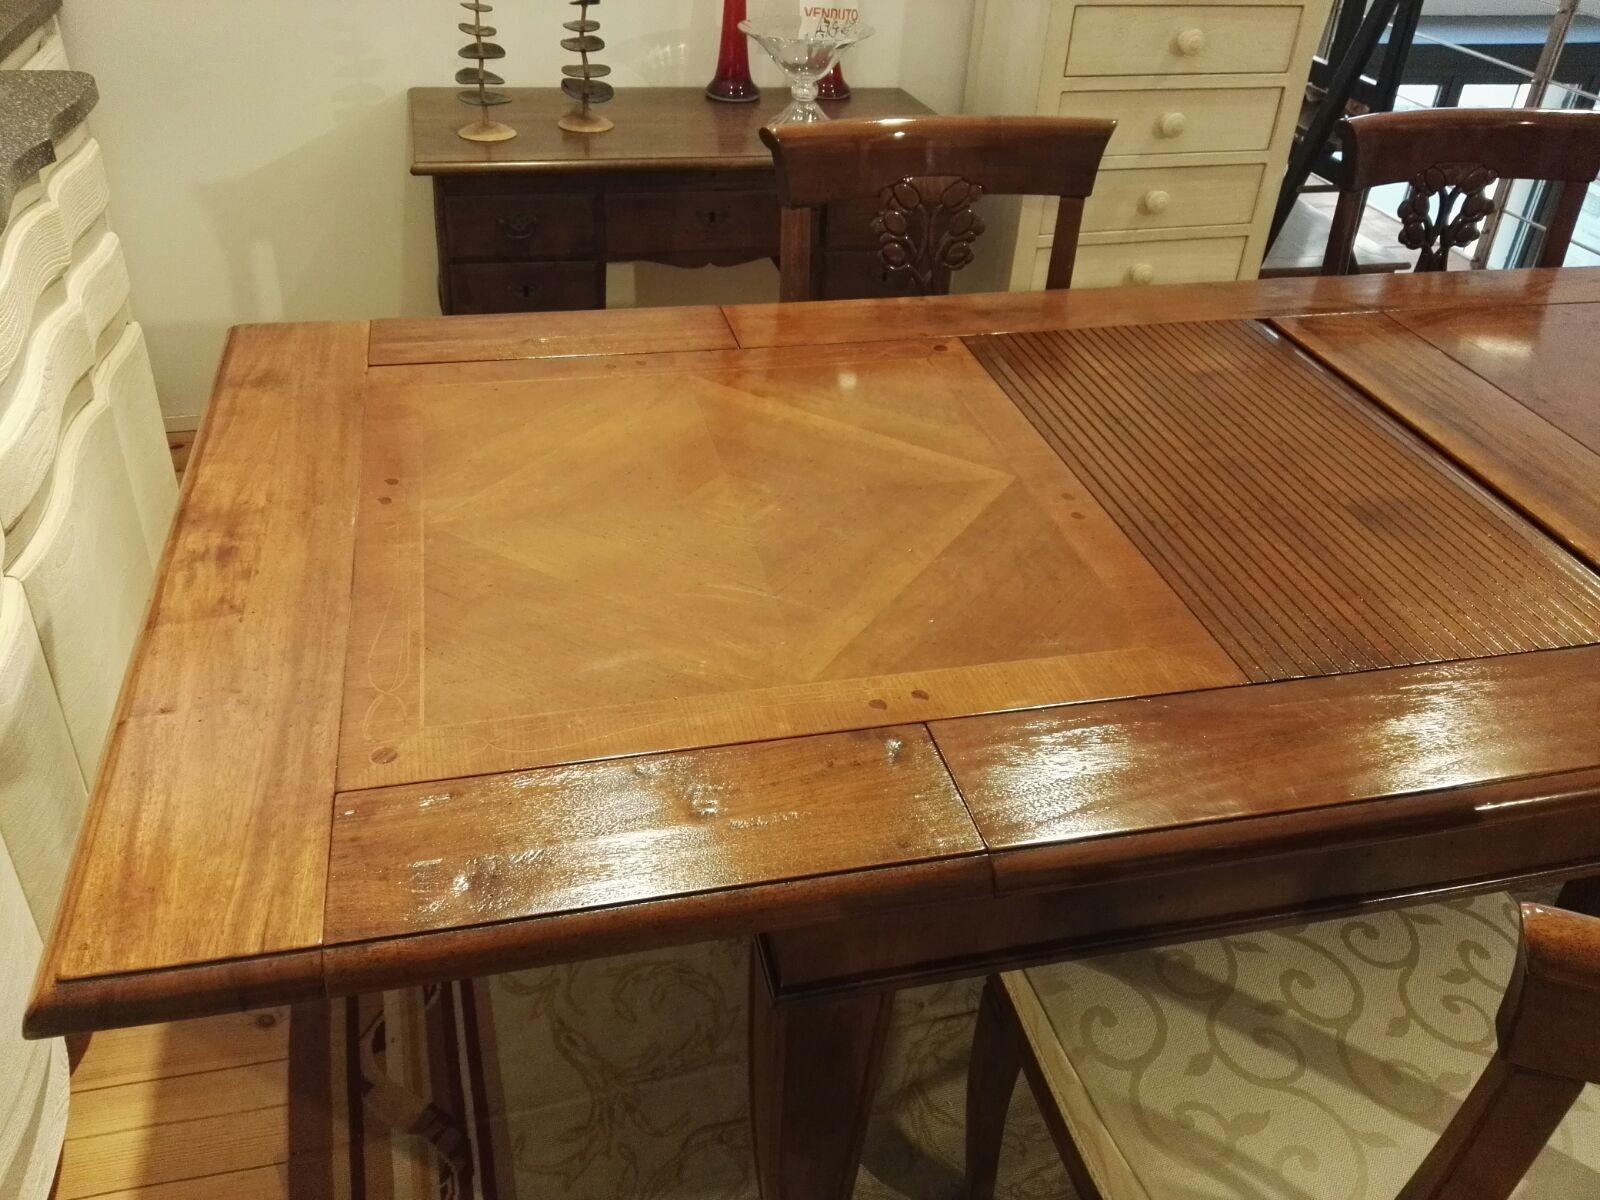 tavolo masson matiee lungarno rettangolari allungabili legno ... - Tavolo Allungabile Rettangolare